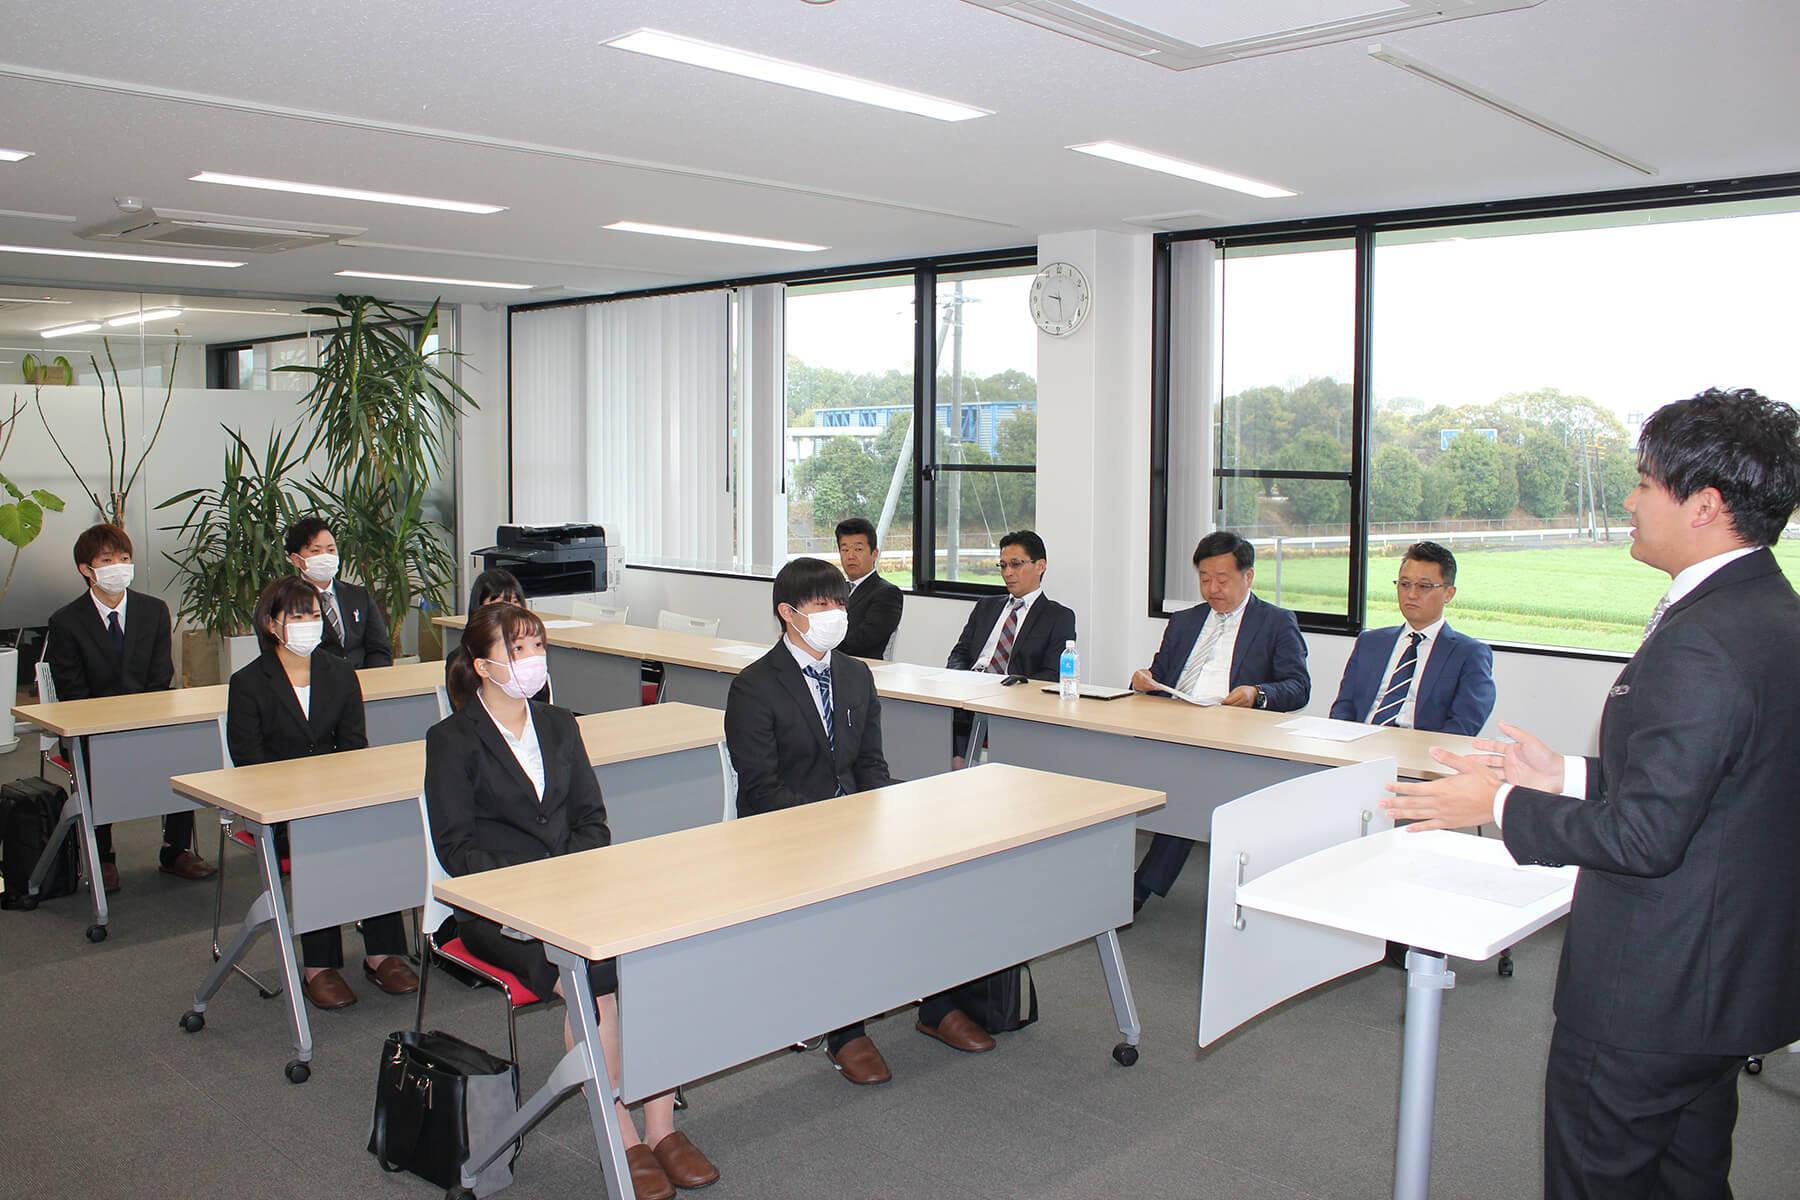 朝日I&Rグループ入社式で挨拶をする野畑龍一専務